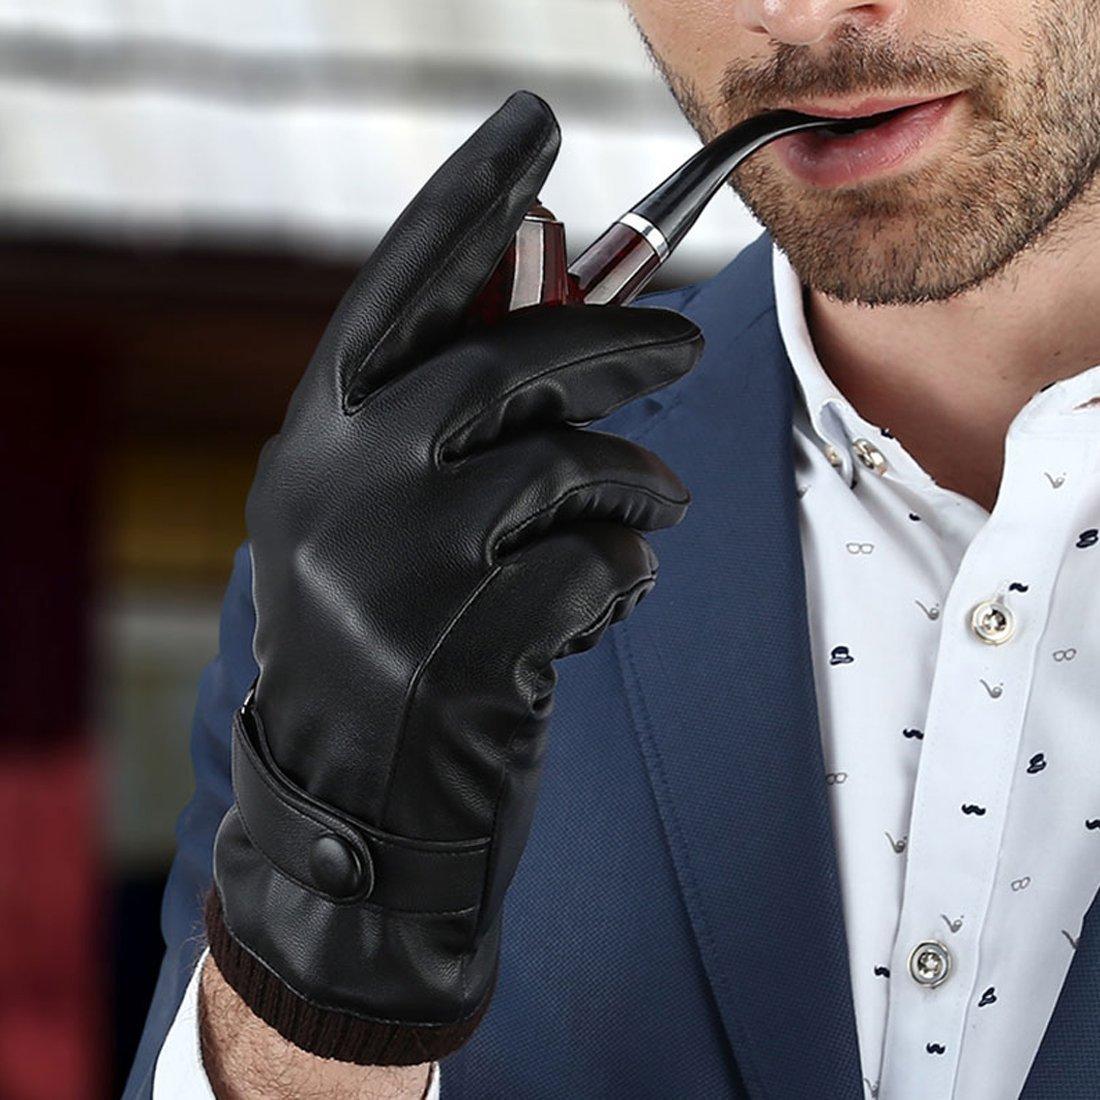 LAOWWO Guantes de cuero de la PU para hombre Guantes de pantalla táctil Guantes de conducción Guantes de invierno negro cálido con forro de gamuza ...